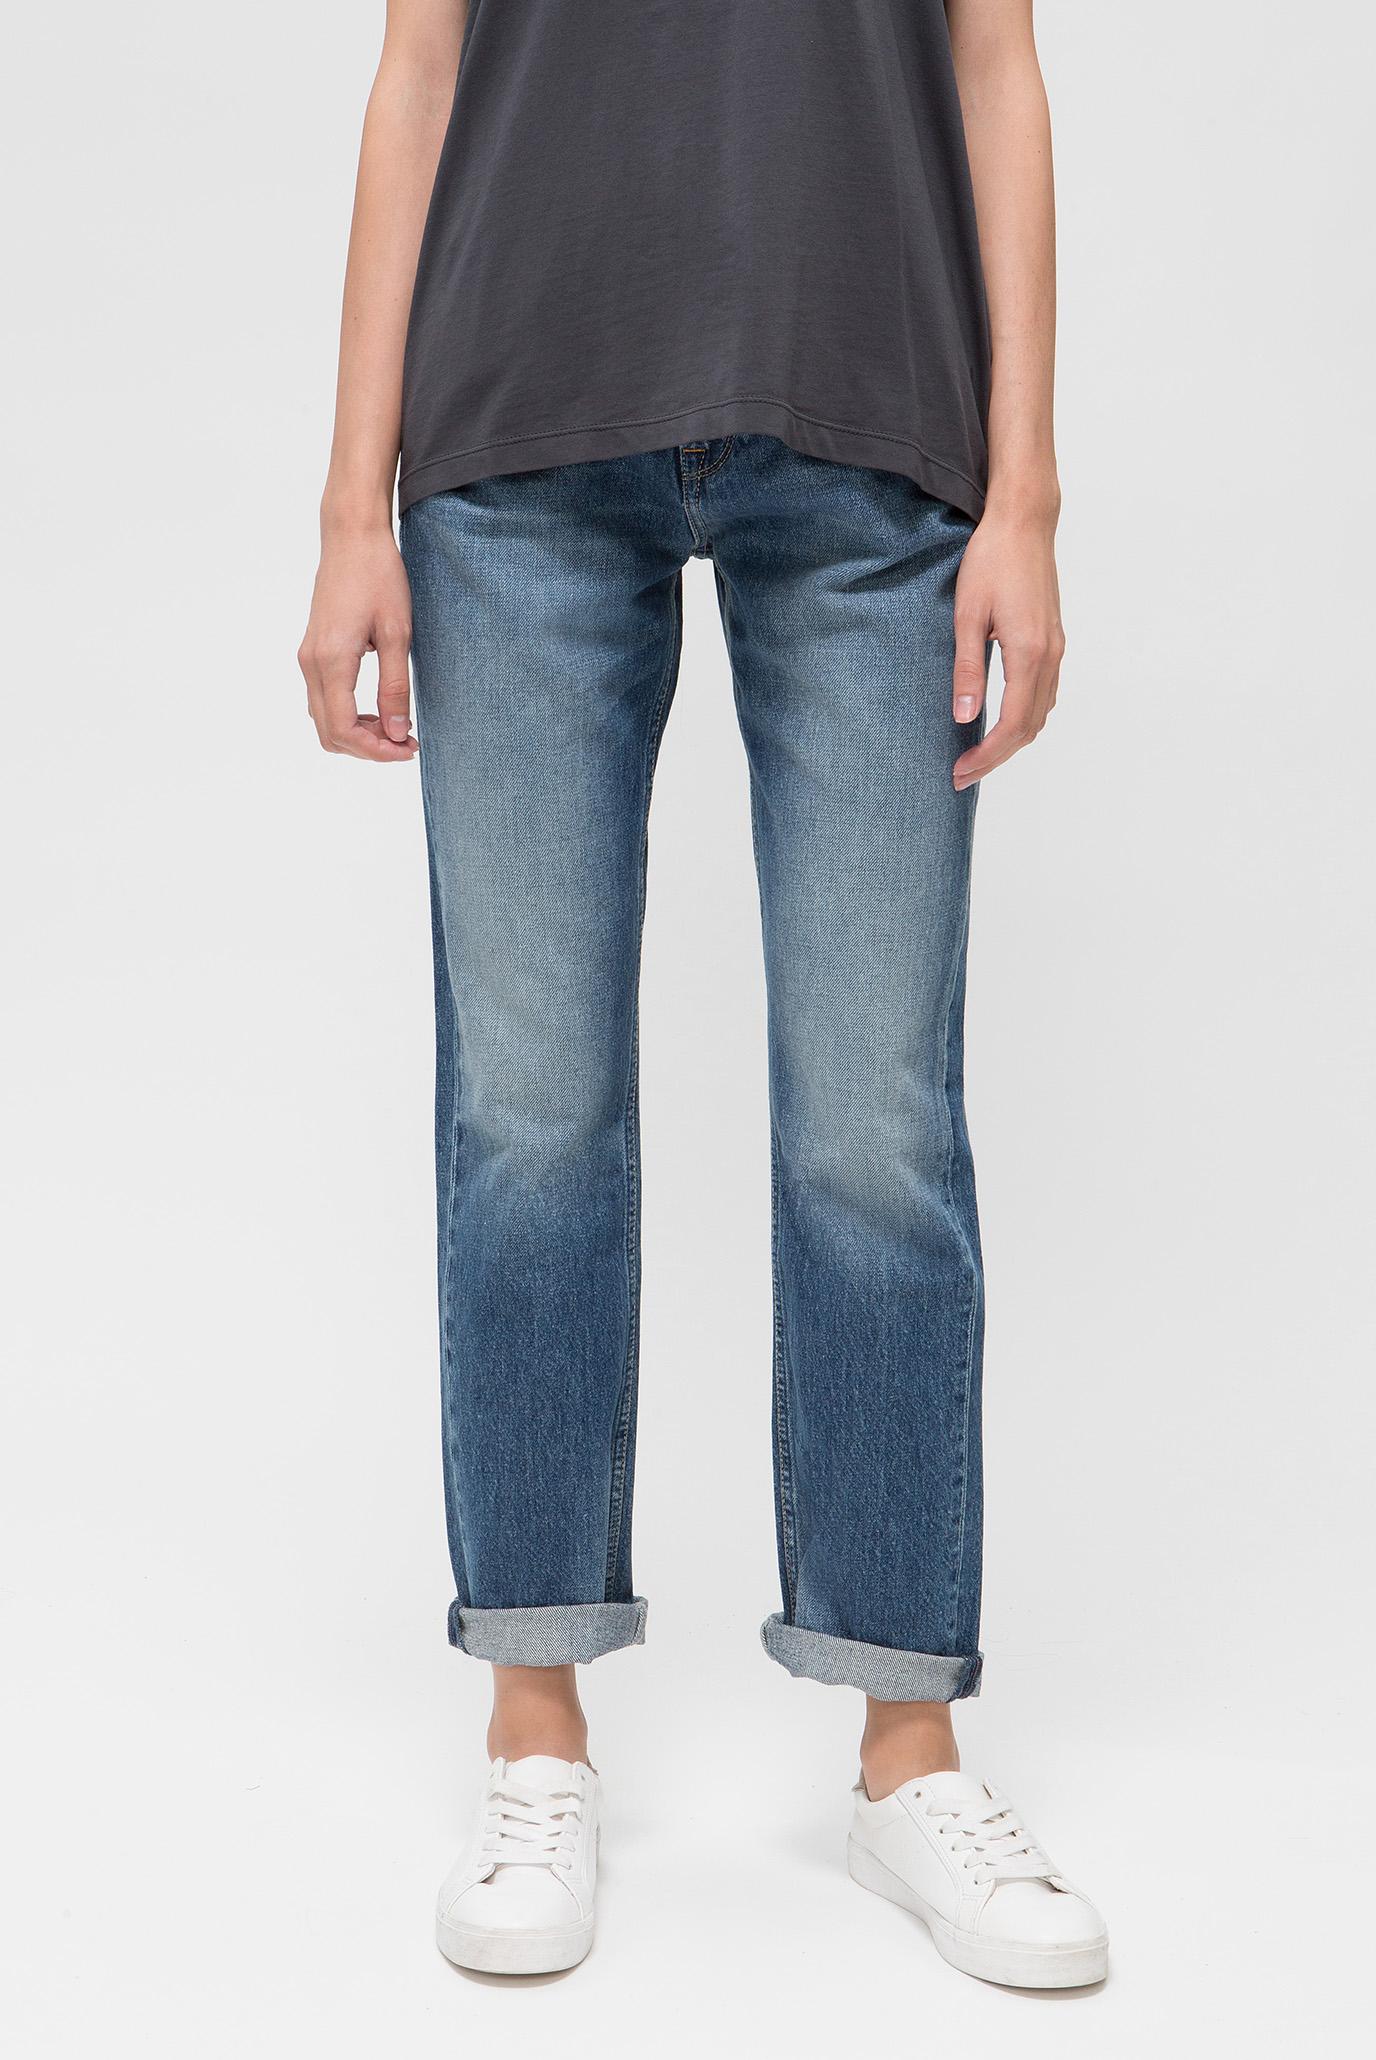 Купить Женские синие джинсы MARY Pepe Jeans Pepe Jeans PL203057GH90 – Киев, Украина. Цены в интернет магазине MD Fashion